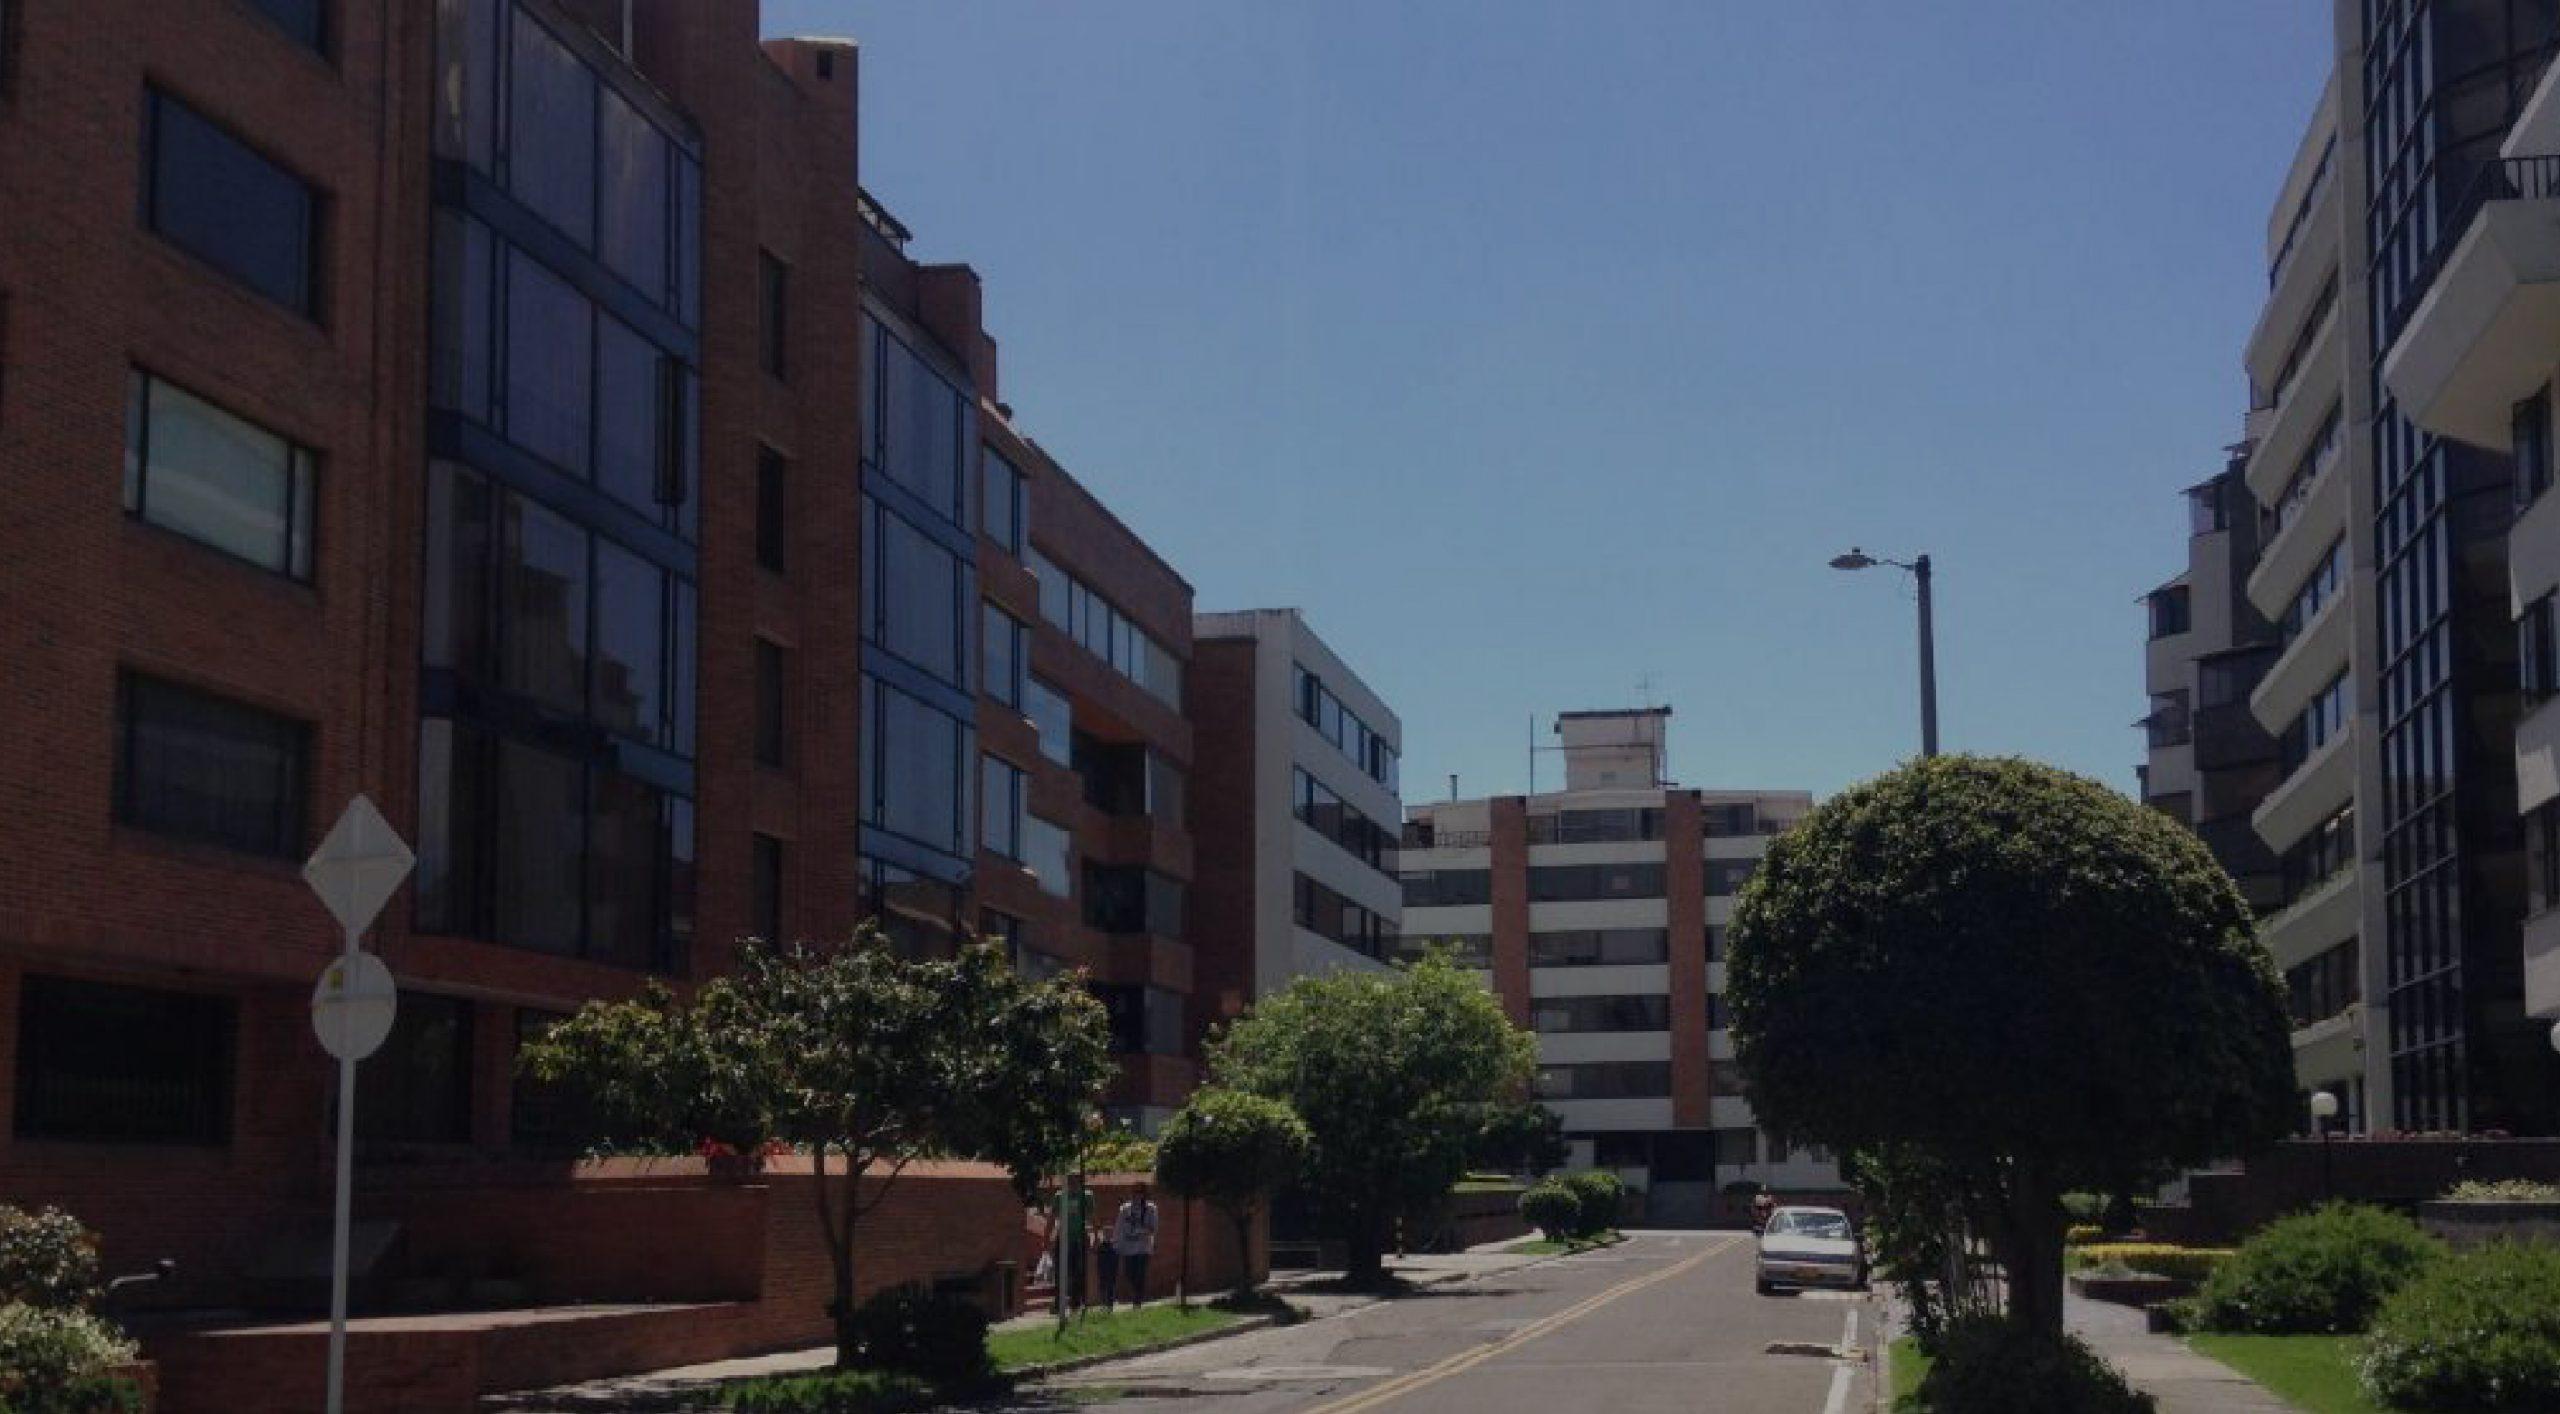 Mejores barrios para invertir en Bogotá